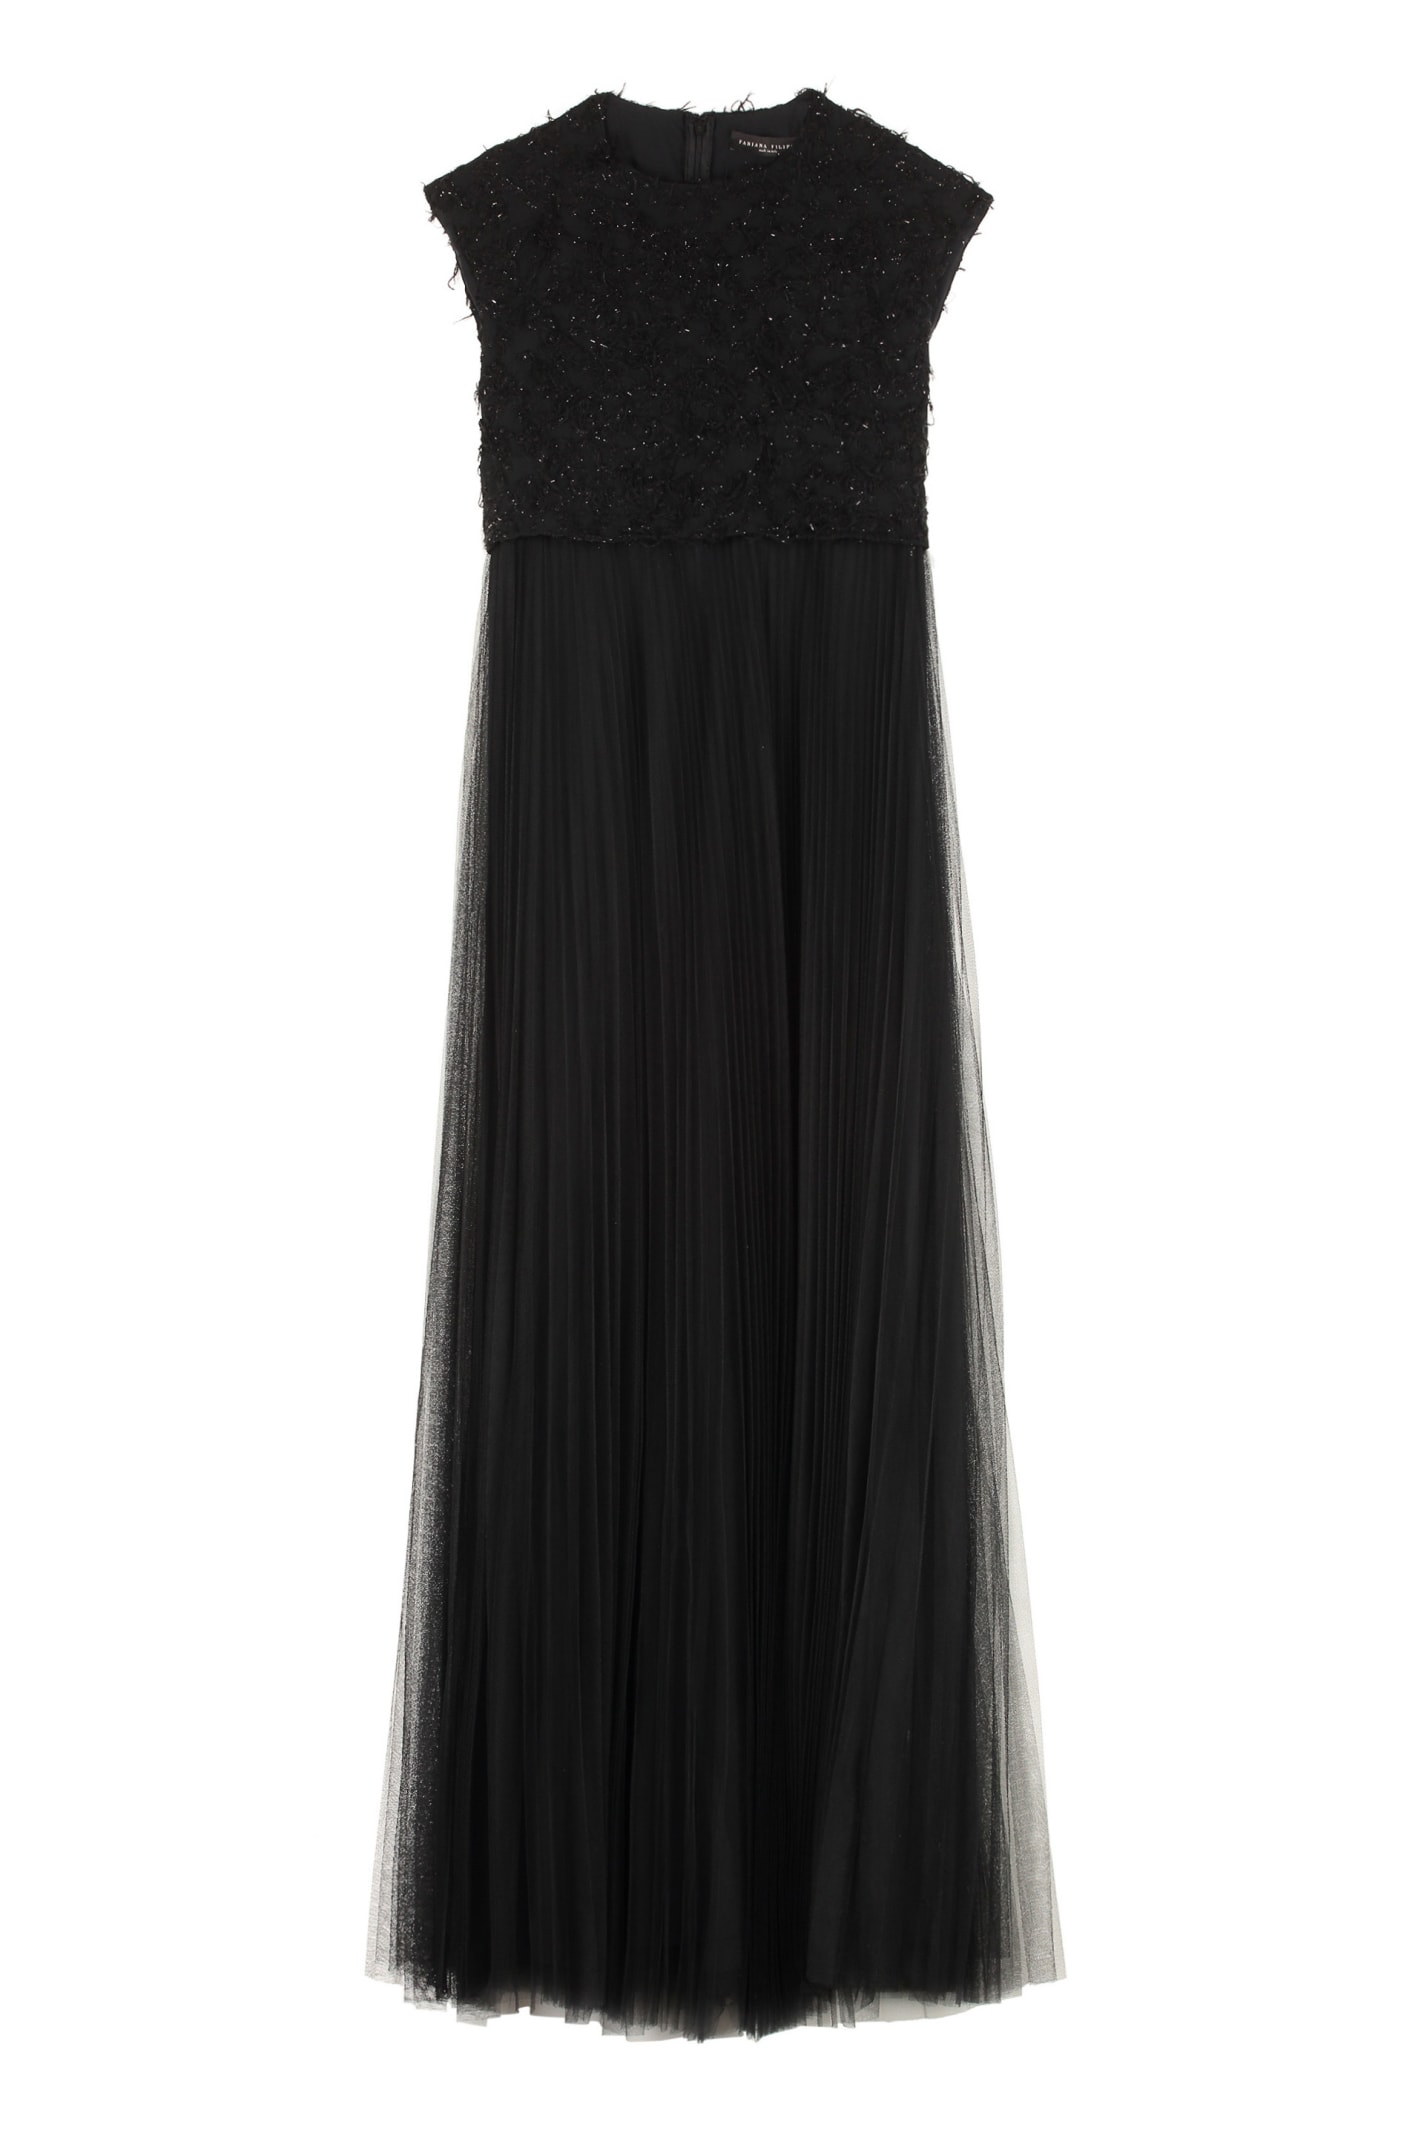 Fabiana Filippi Tulle Skirt Long Dress